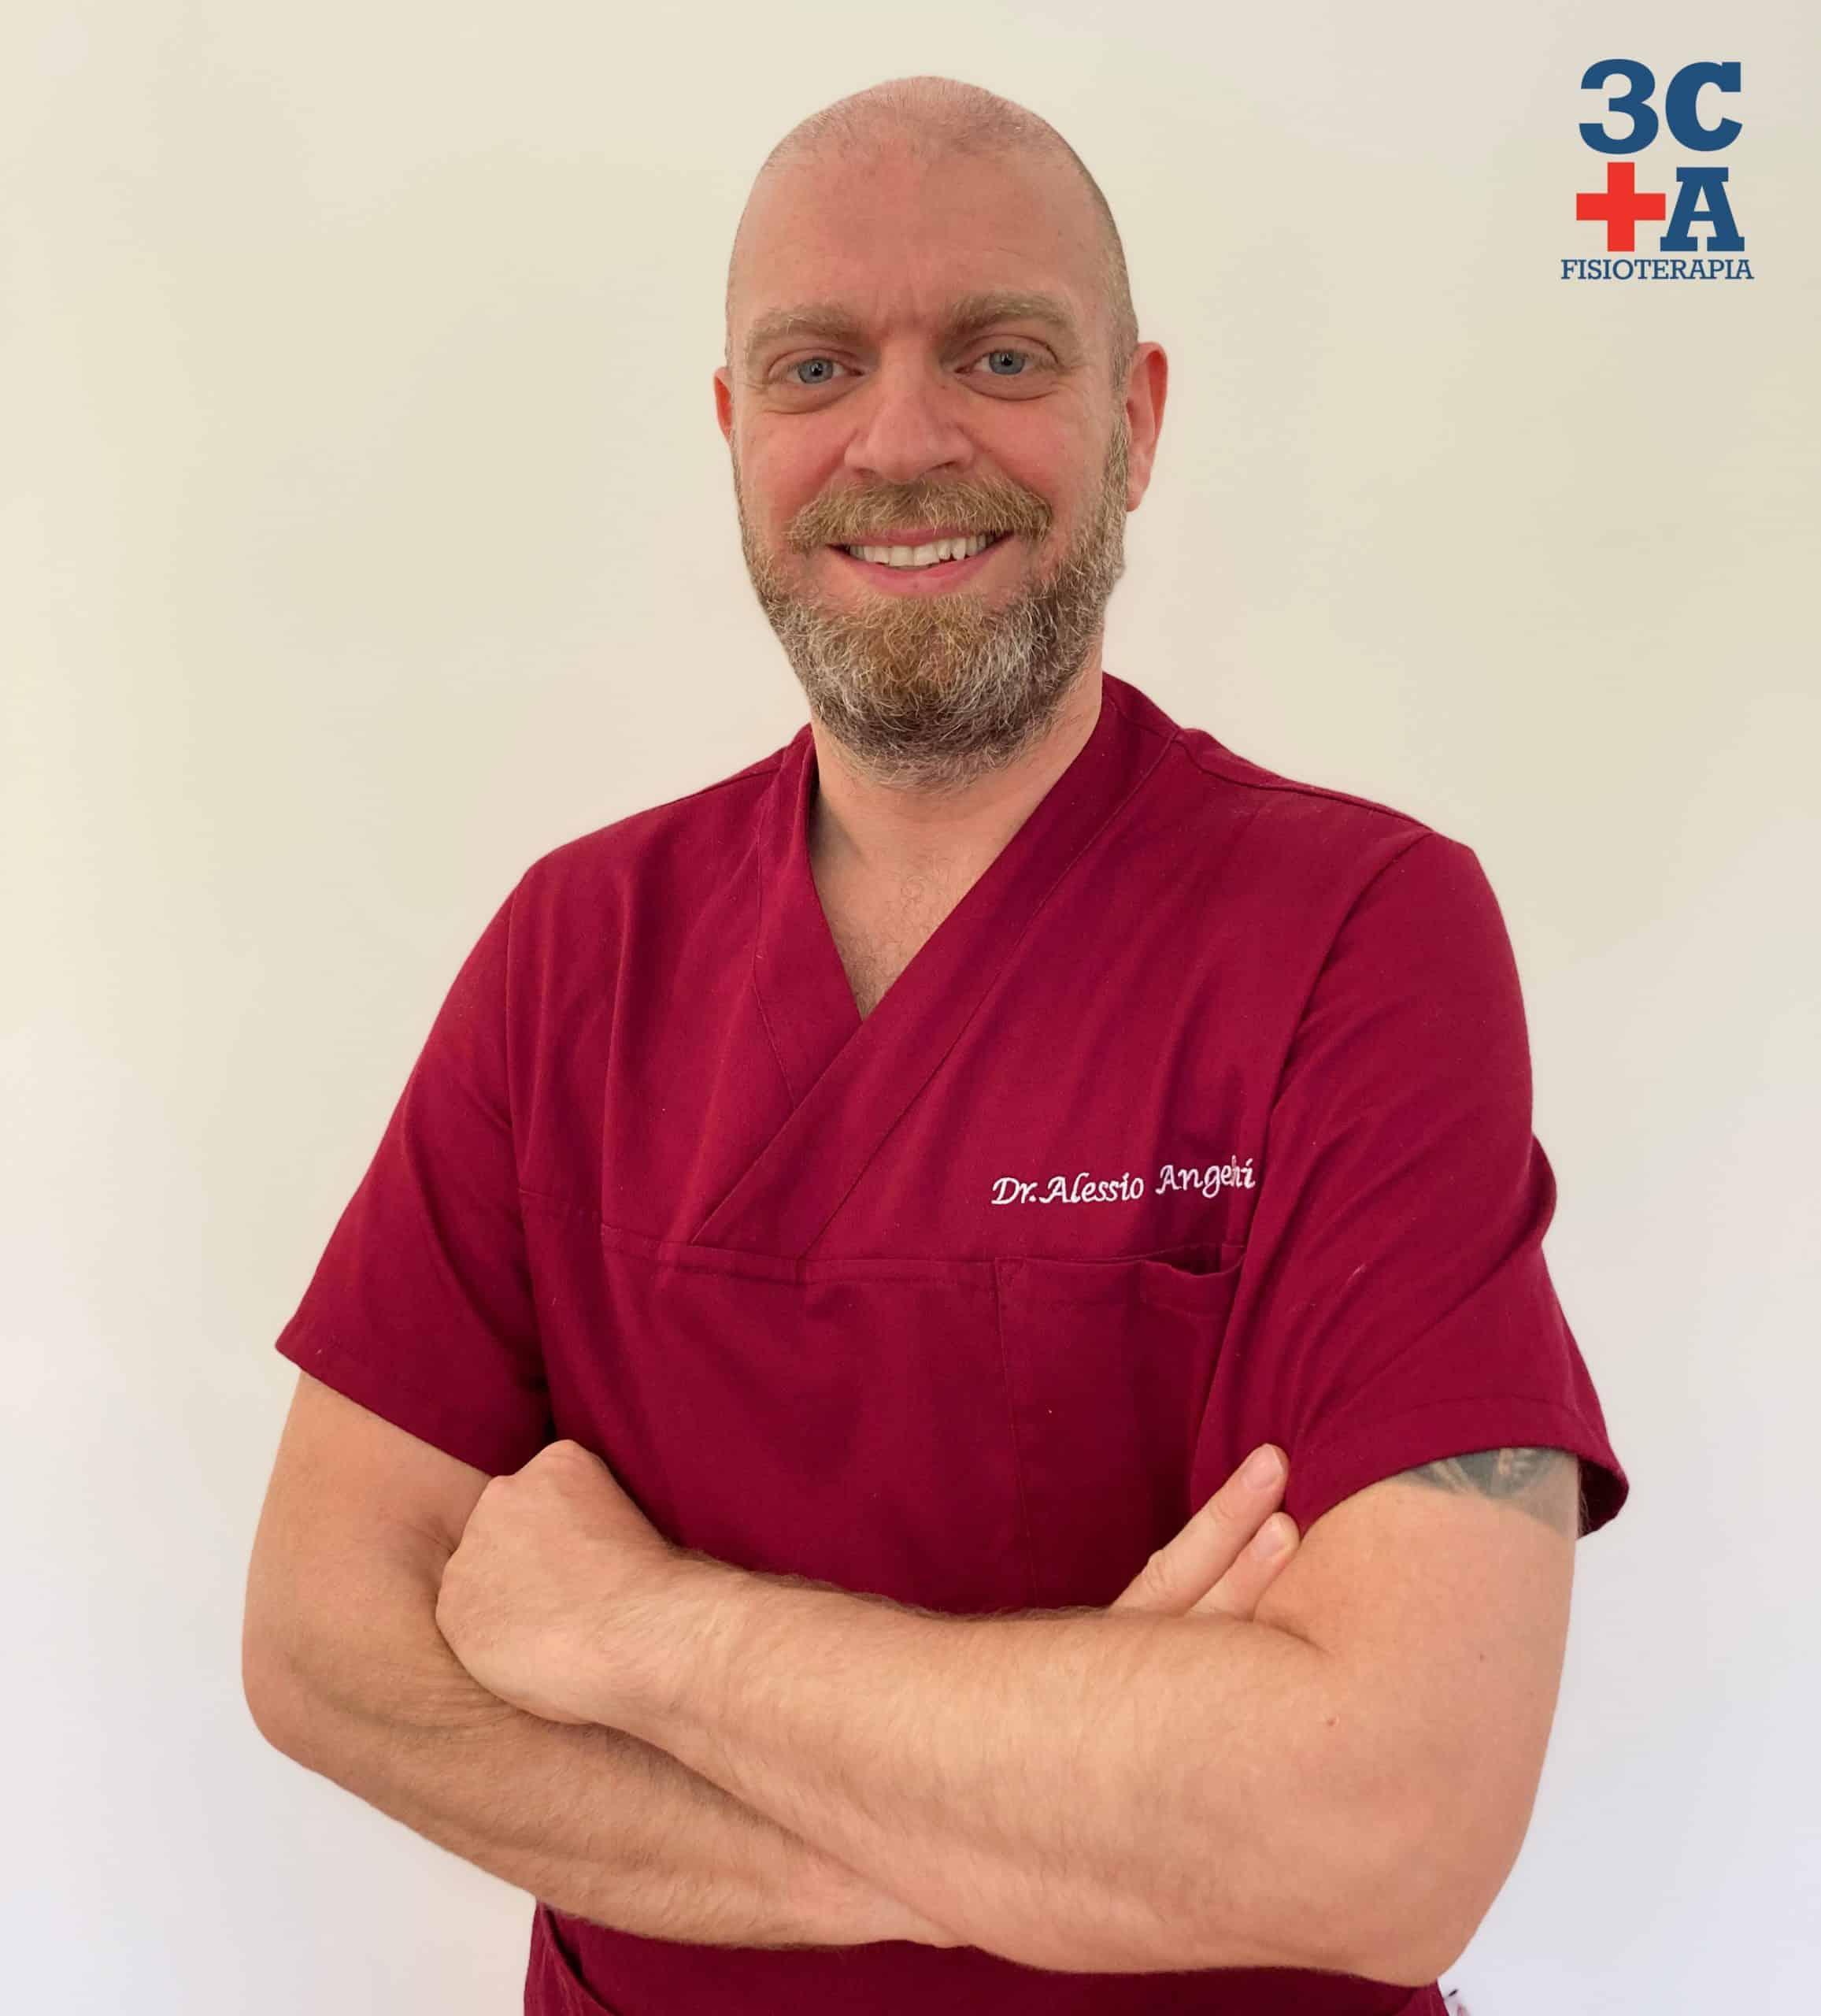 Staff 3C+A Dr. Alessio 081